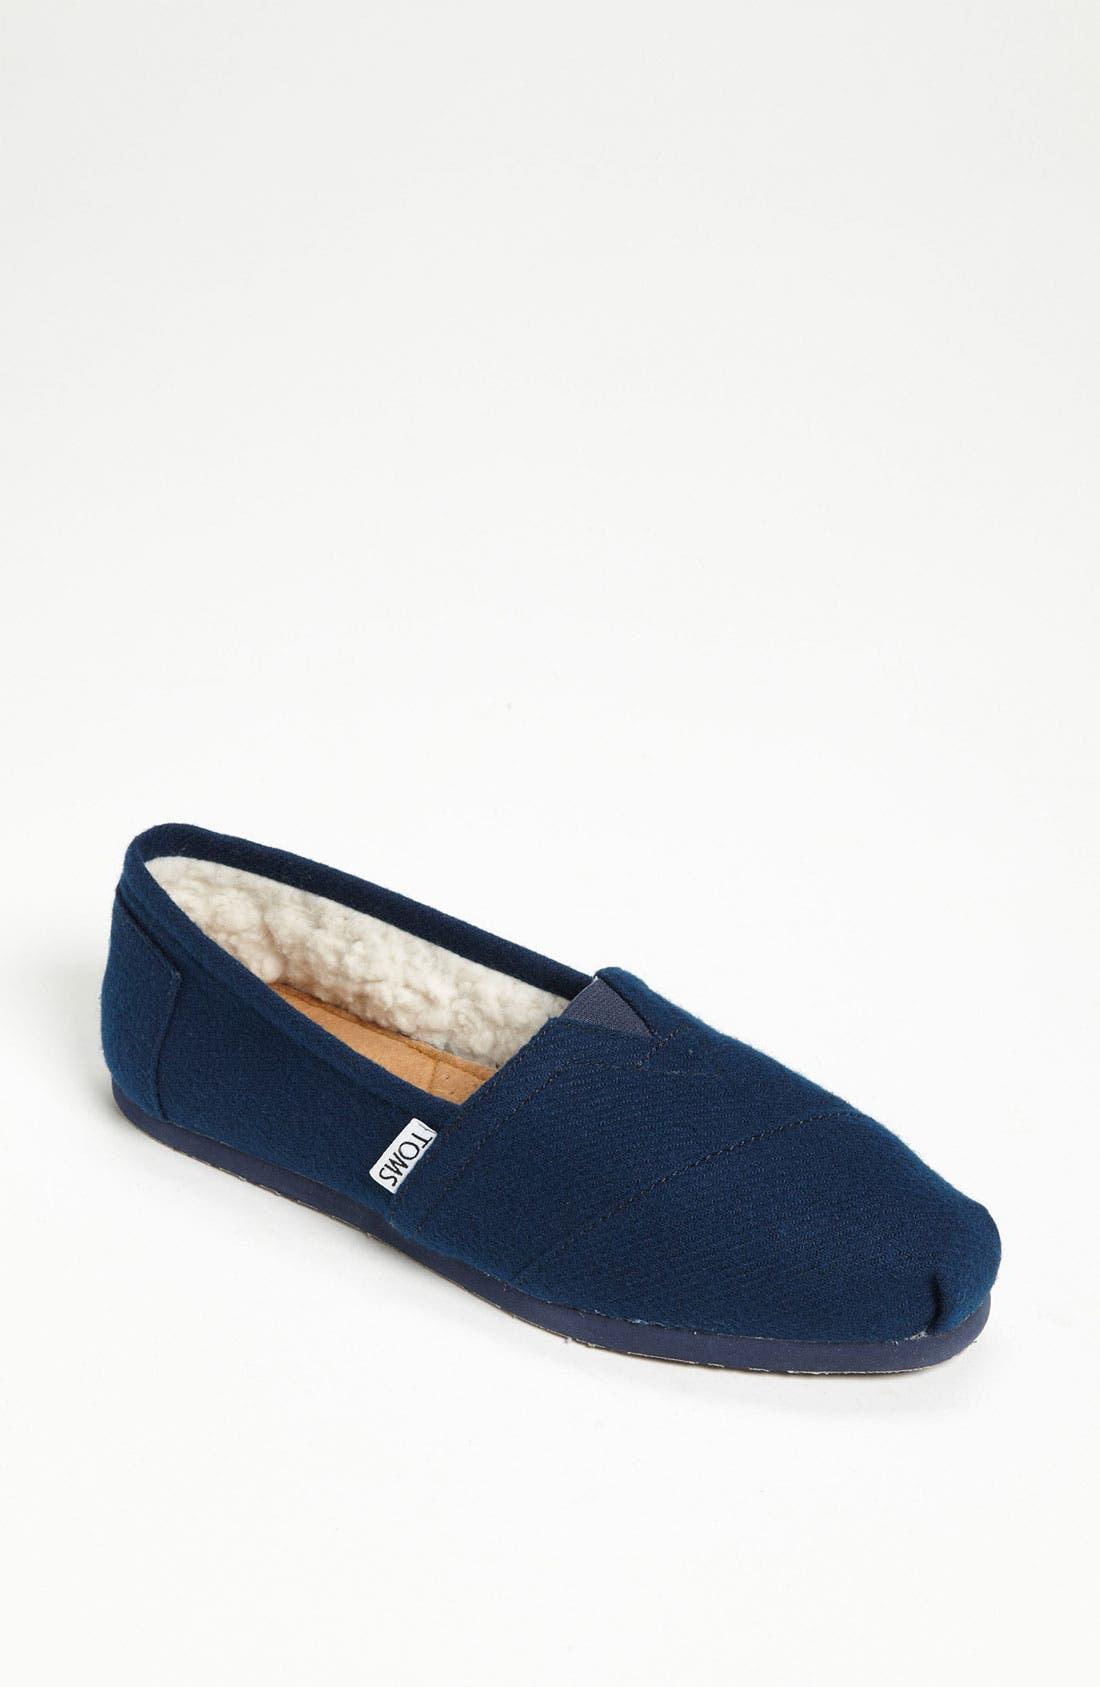 Main Image - TOMS 'Classic' Woolen Slip-On (Women) (Nordstrom Exclusive)